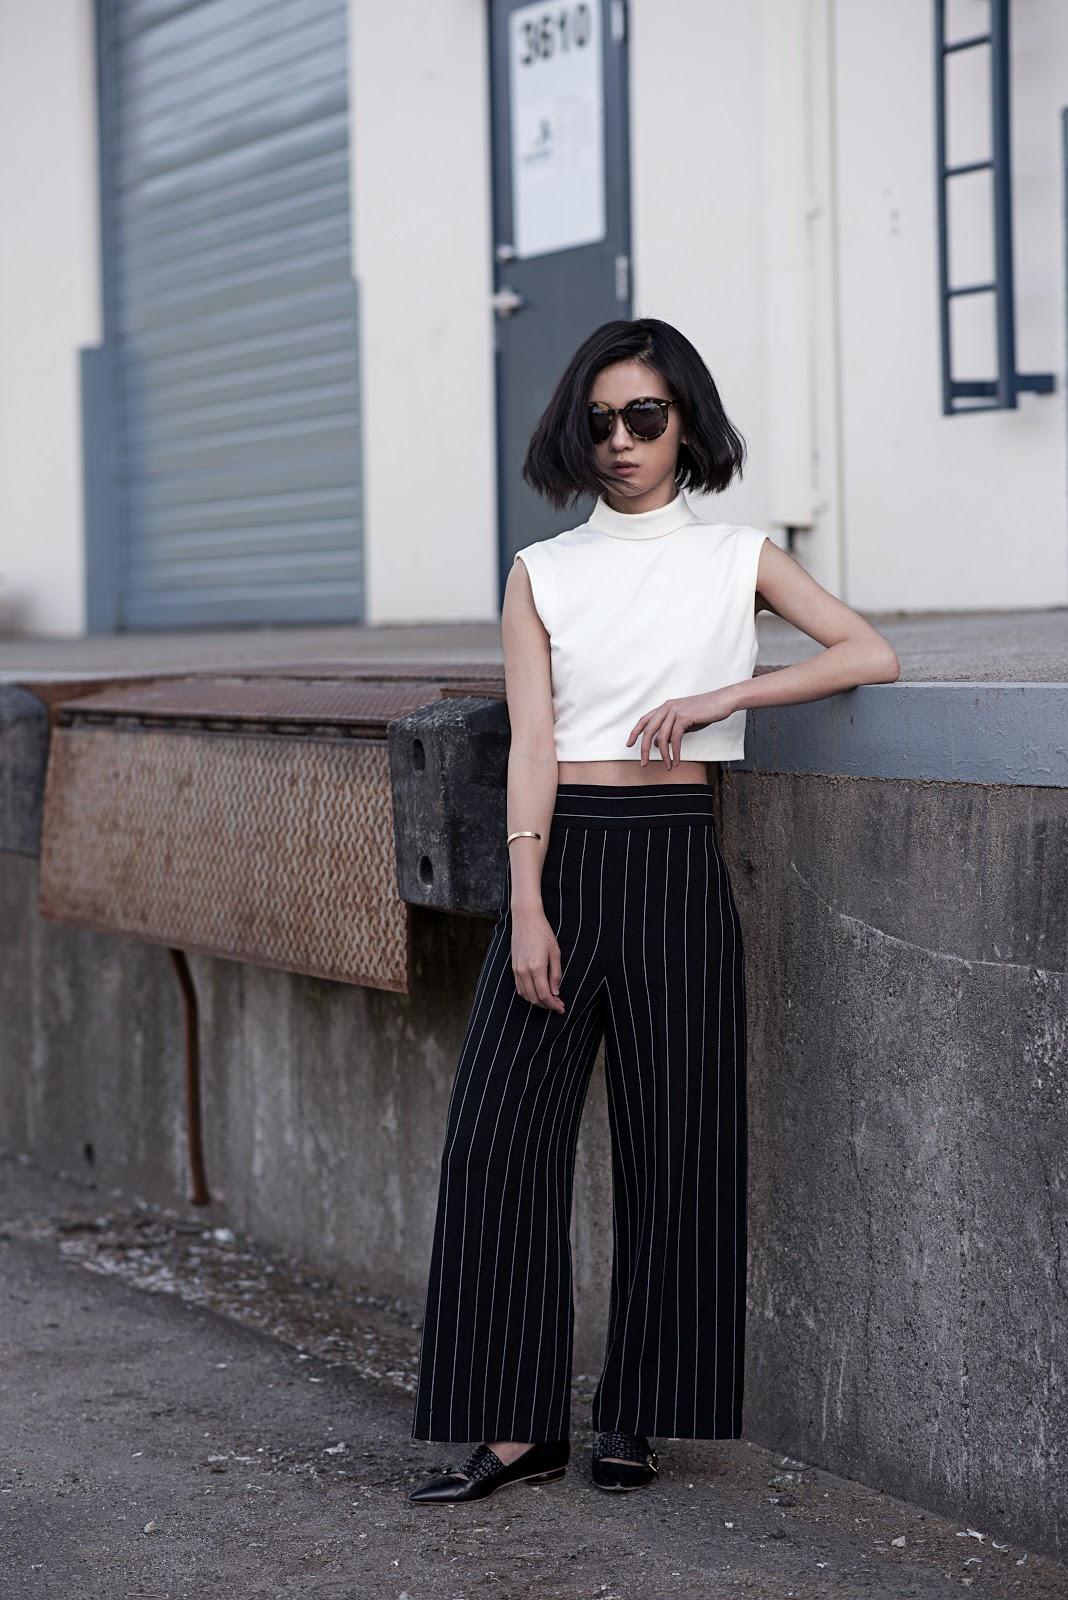 von vogue tibi crop top zara pants karen walker sunglasses